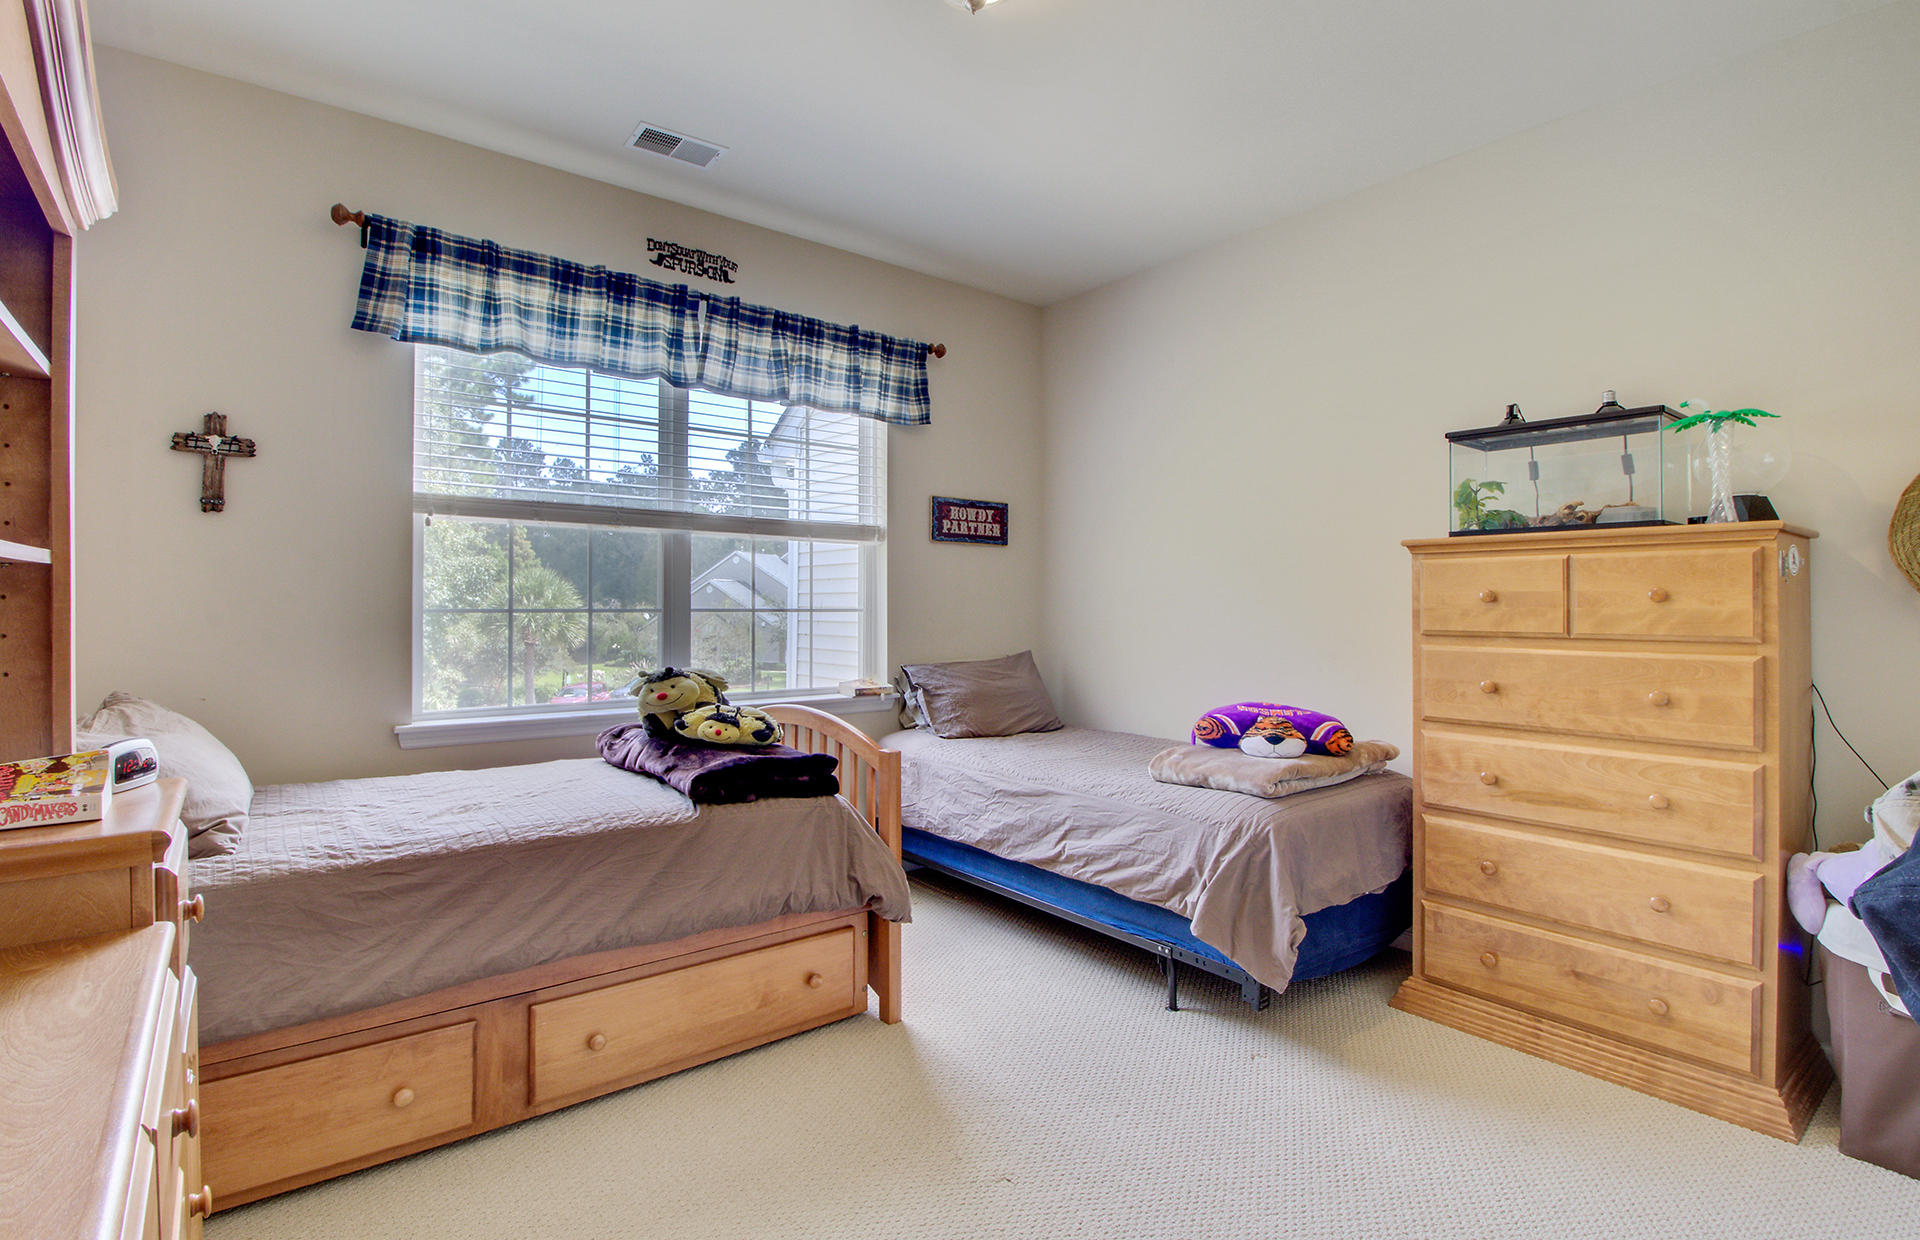 Park West Homes For Sale - 2500 Draymohr, Mount Pleasant, SC - 14